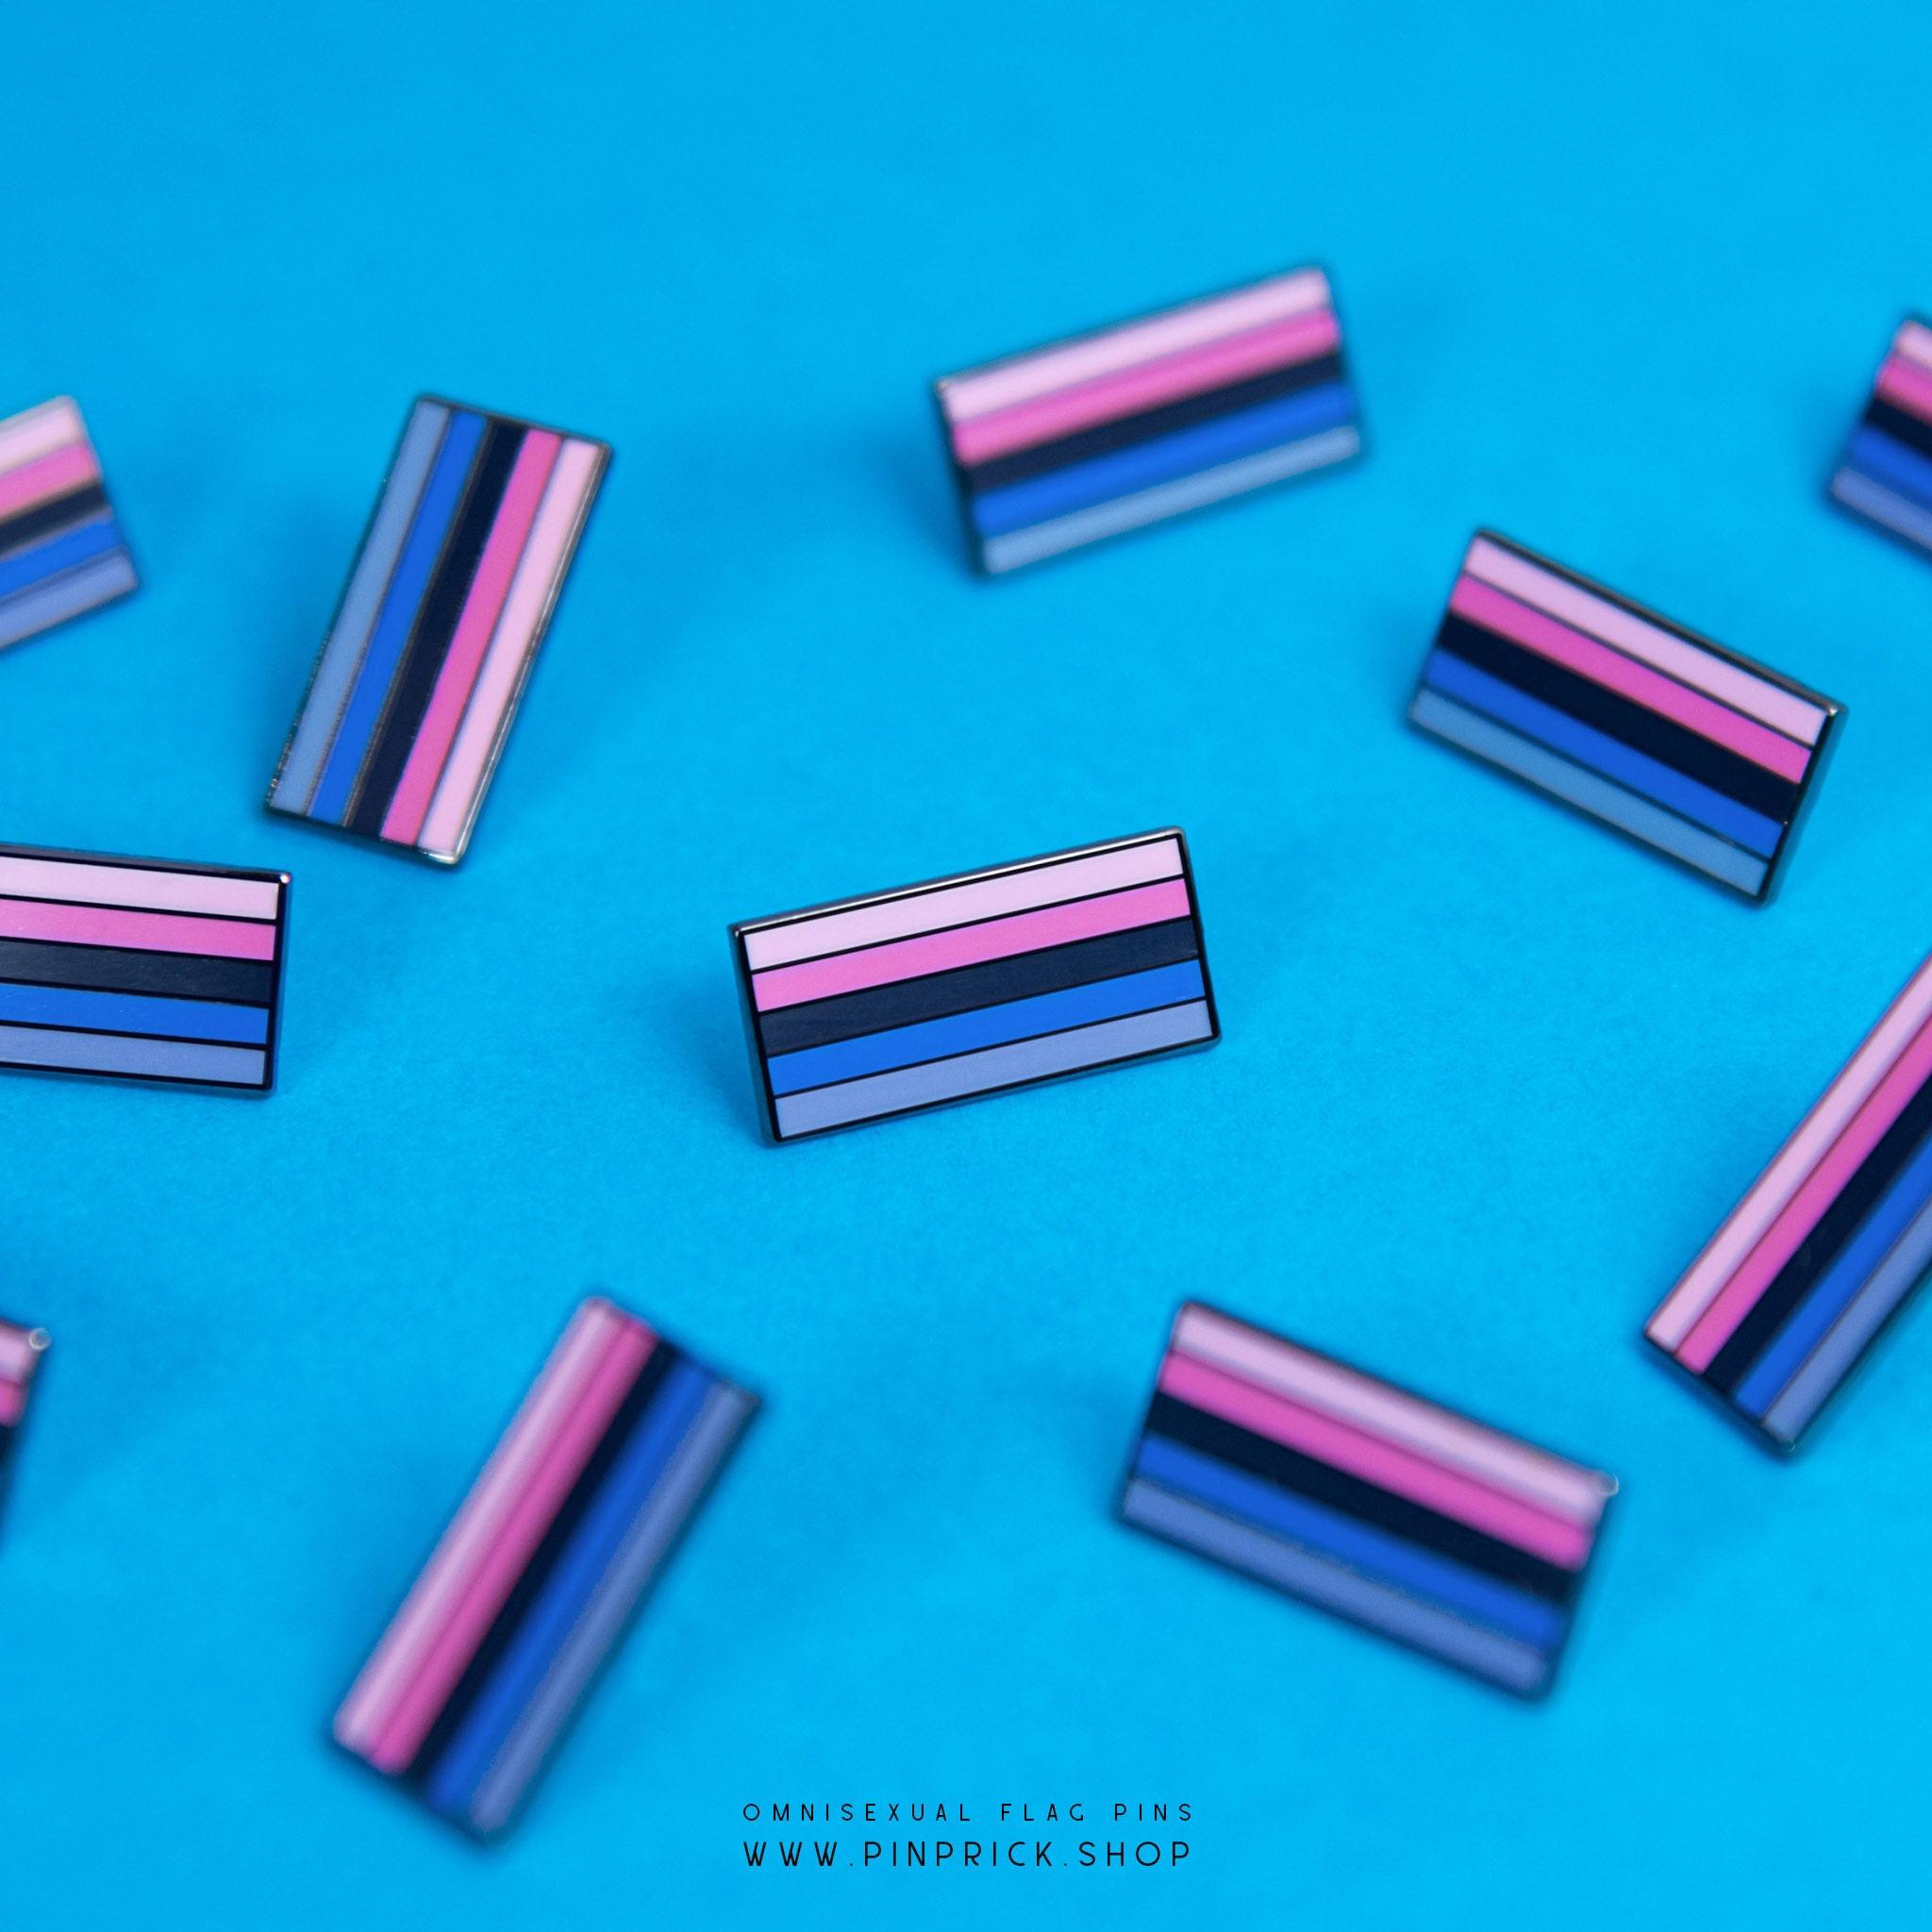 Omnisexual Pride Flag Pins Pride Accessory Badge Sticker Button